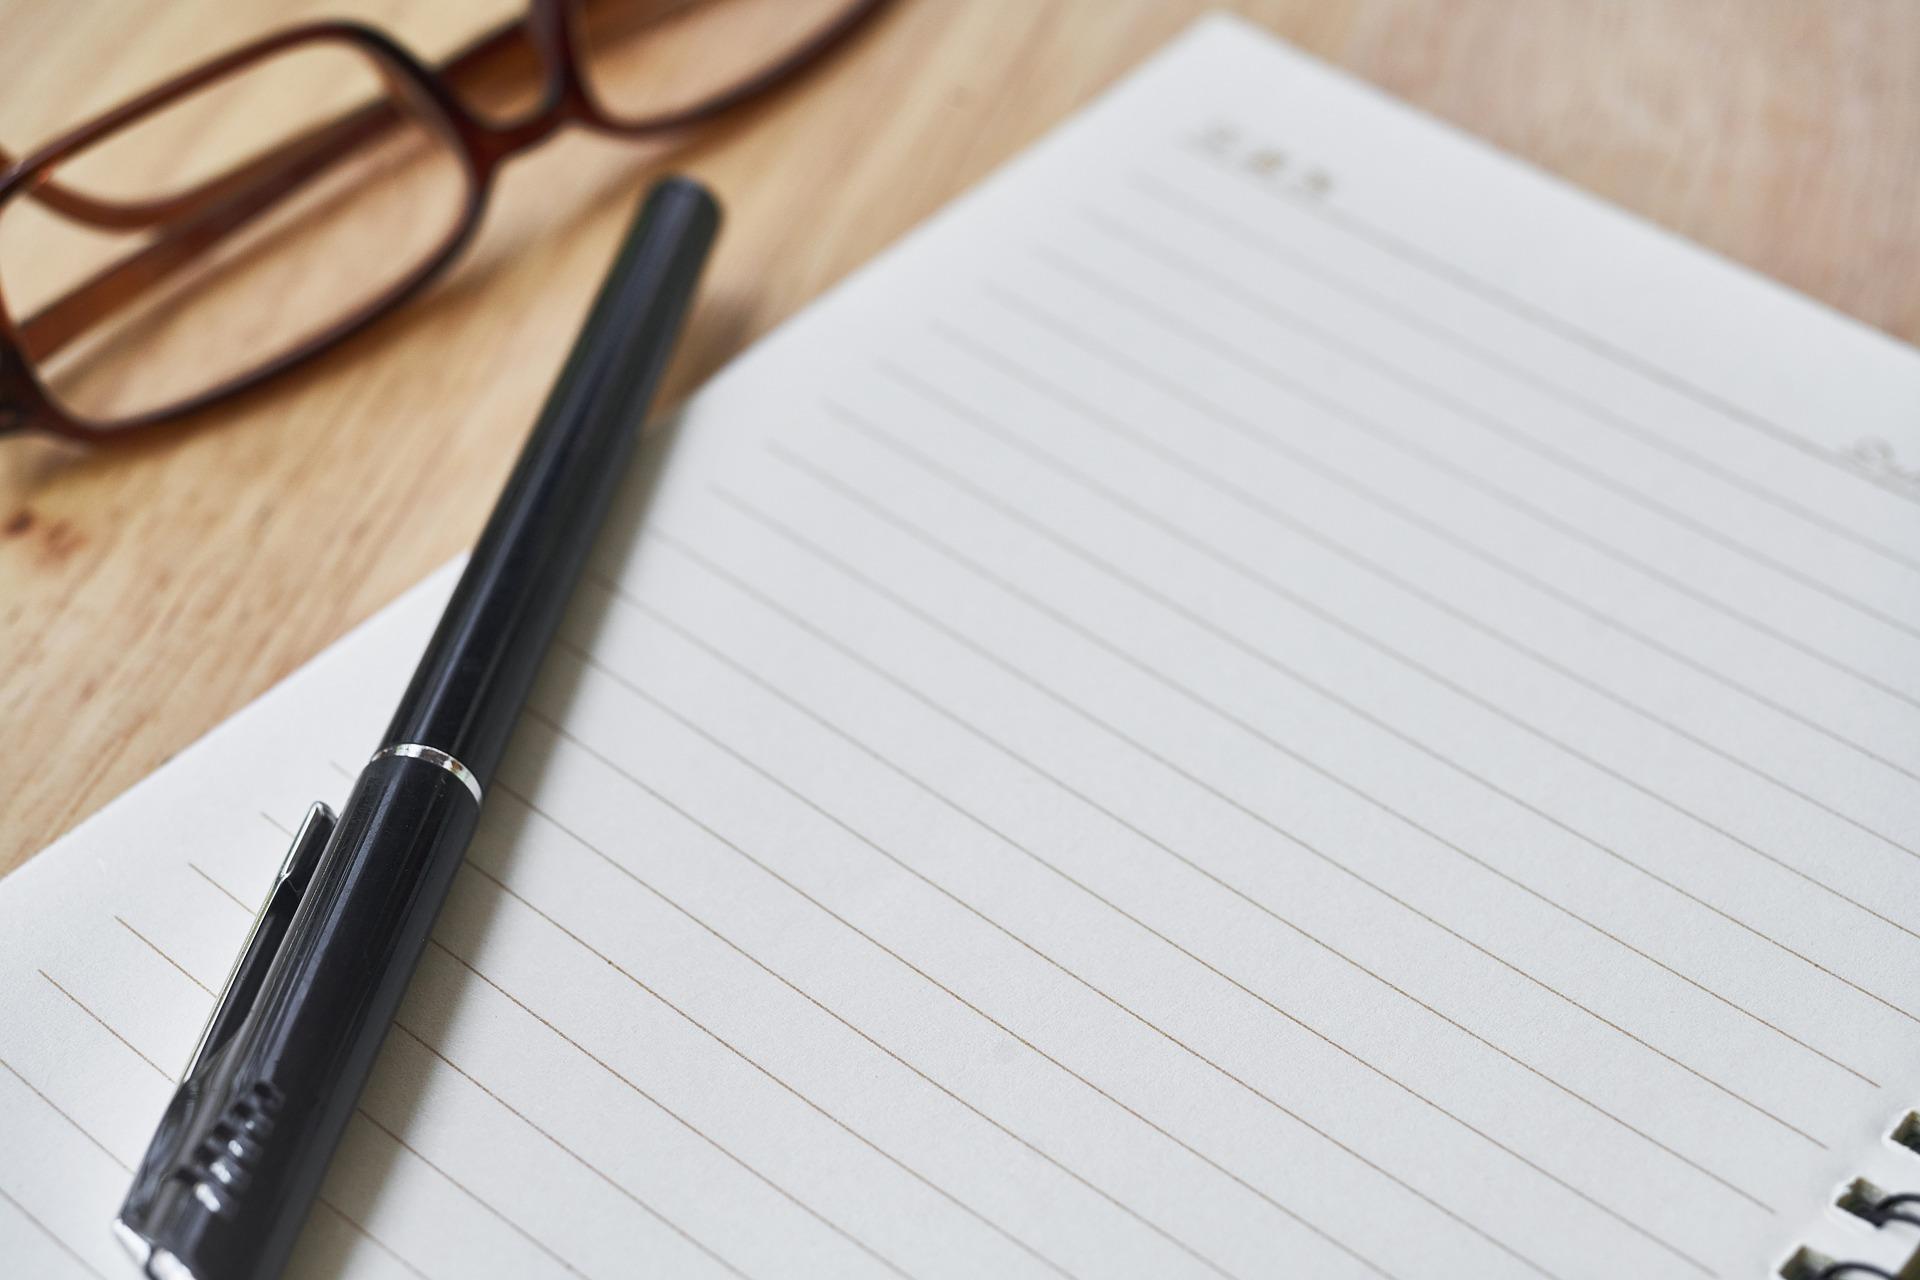 notebook-2637726_1920 (1)